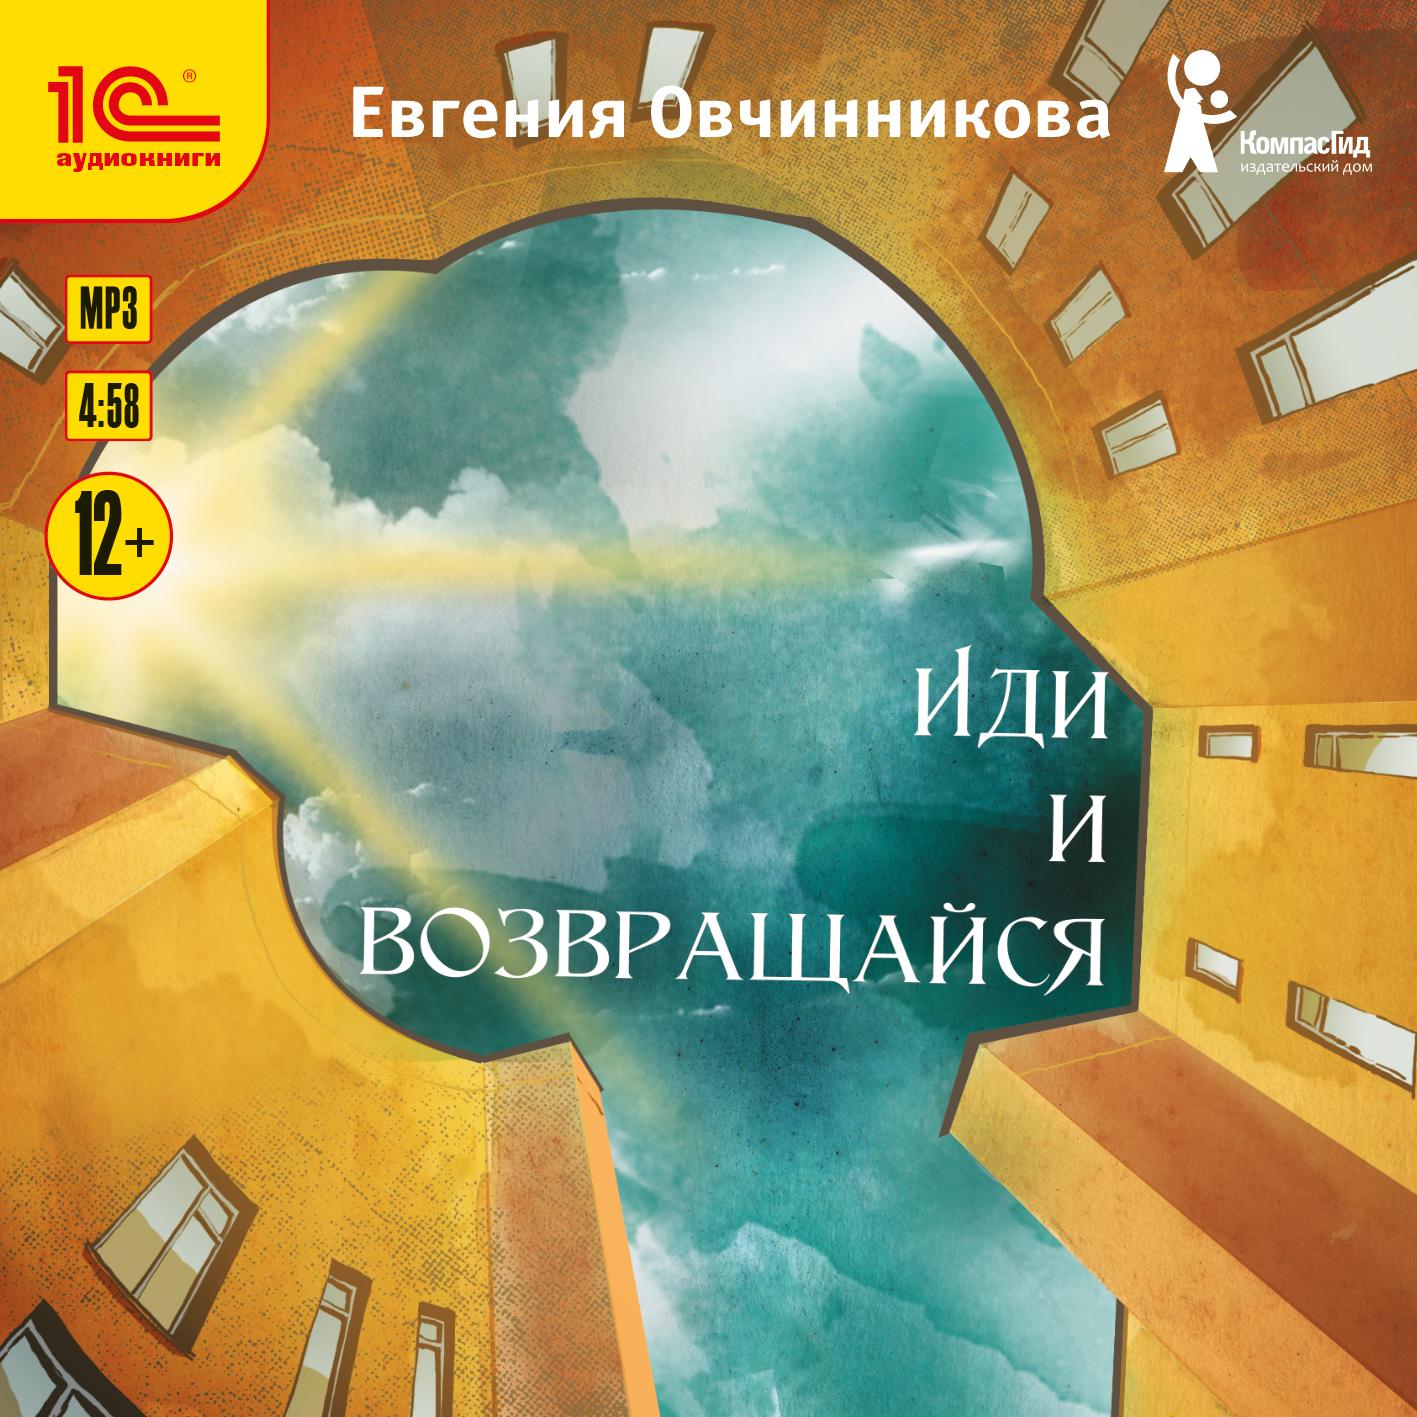 Евгения Овчинникова Иди и возвращайся (цифровая версия) (Цифровая версия)